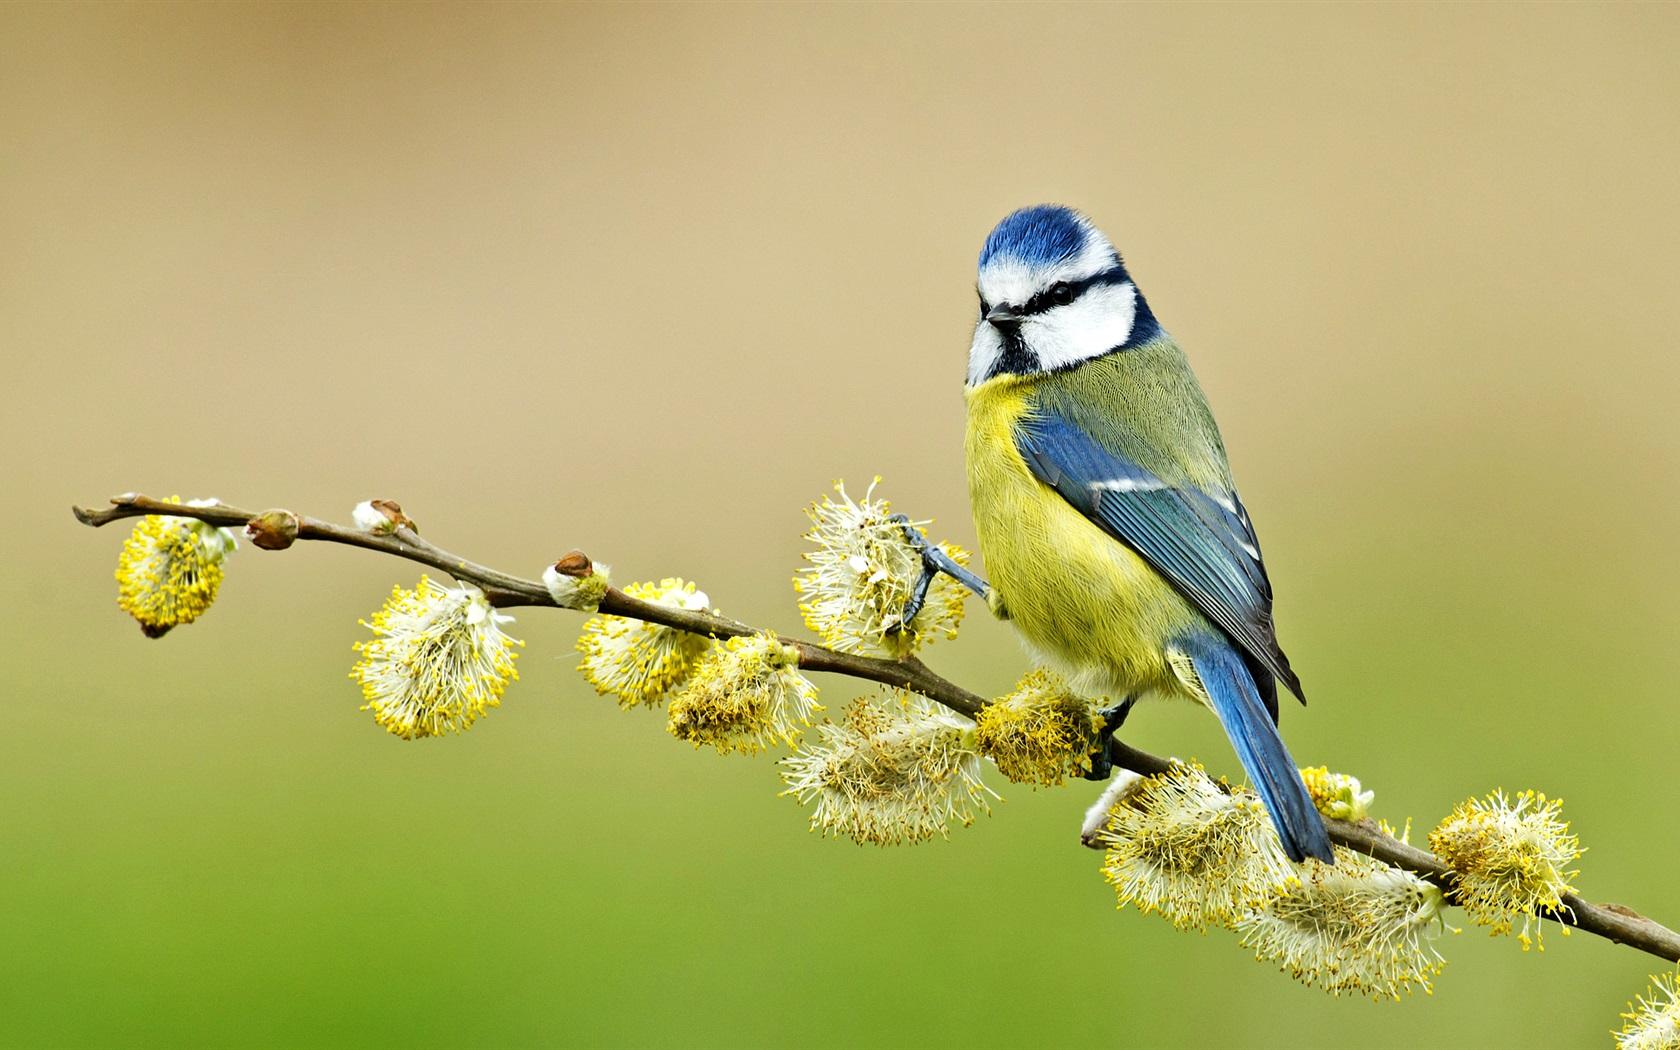 Птицы на ветке  № 1652594 бесплатно